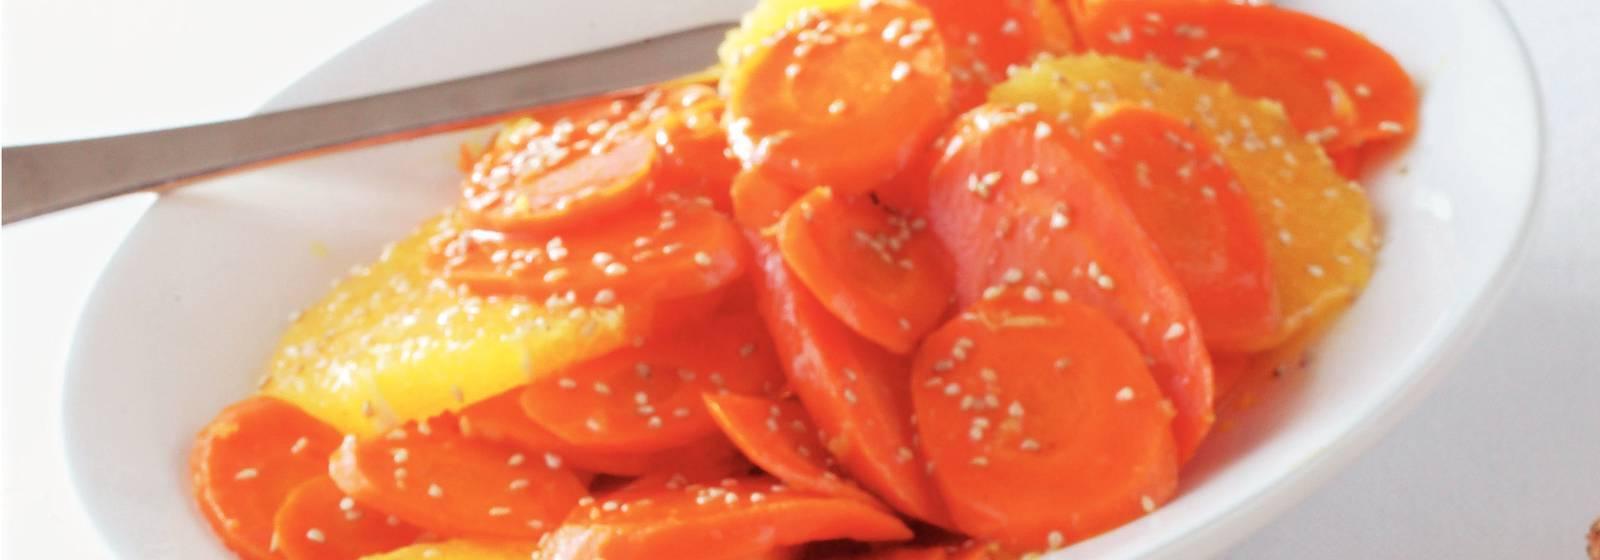 Portakallı şekerlenmiş havuç